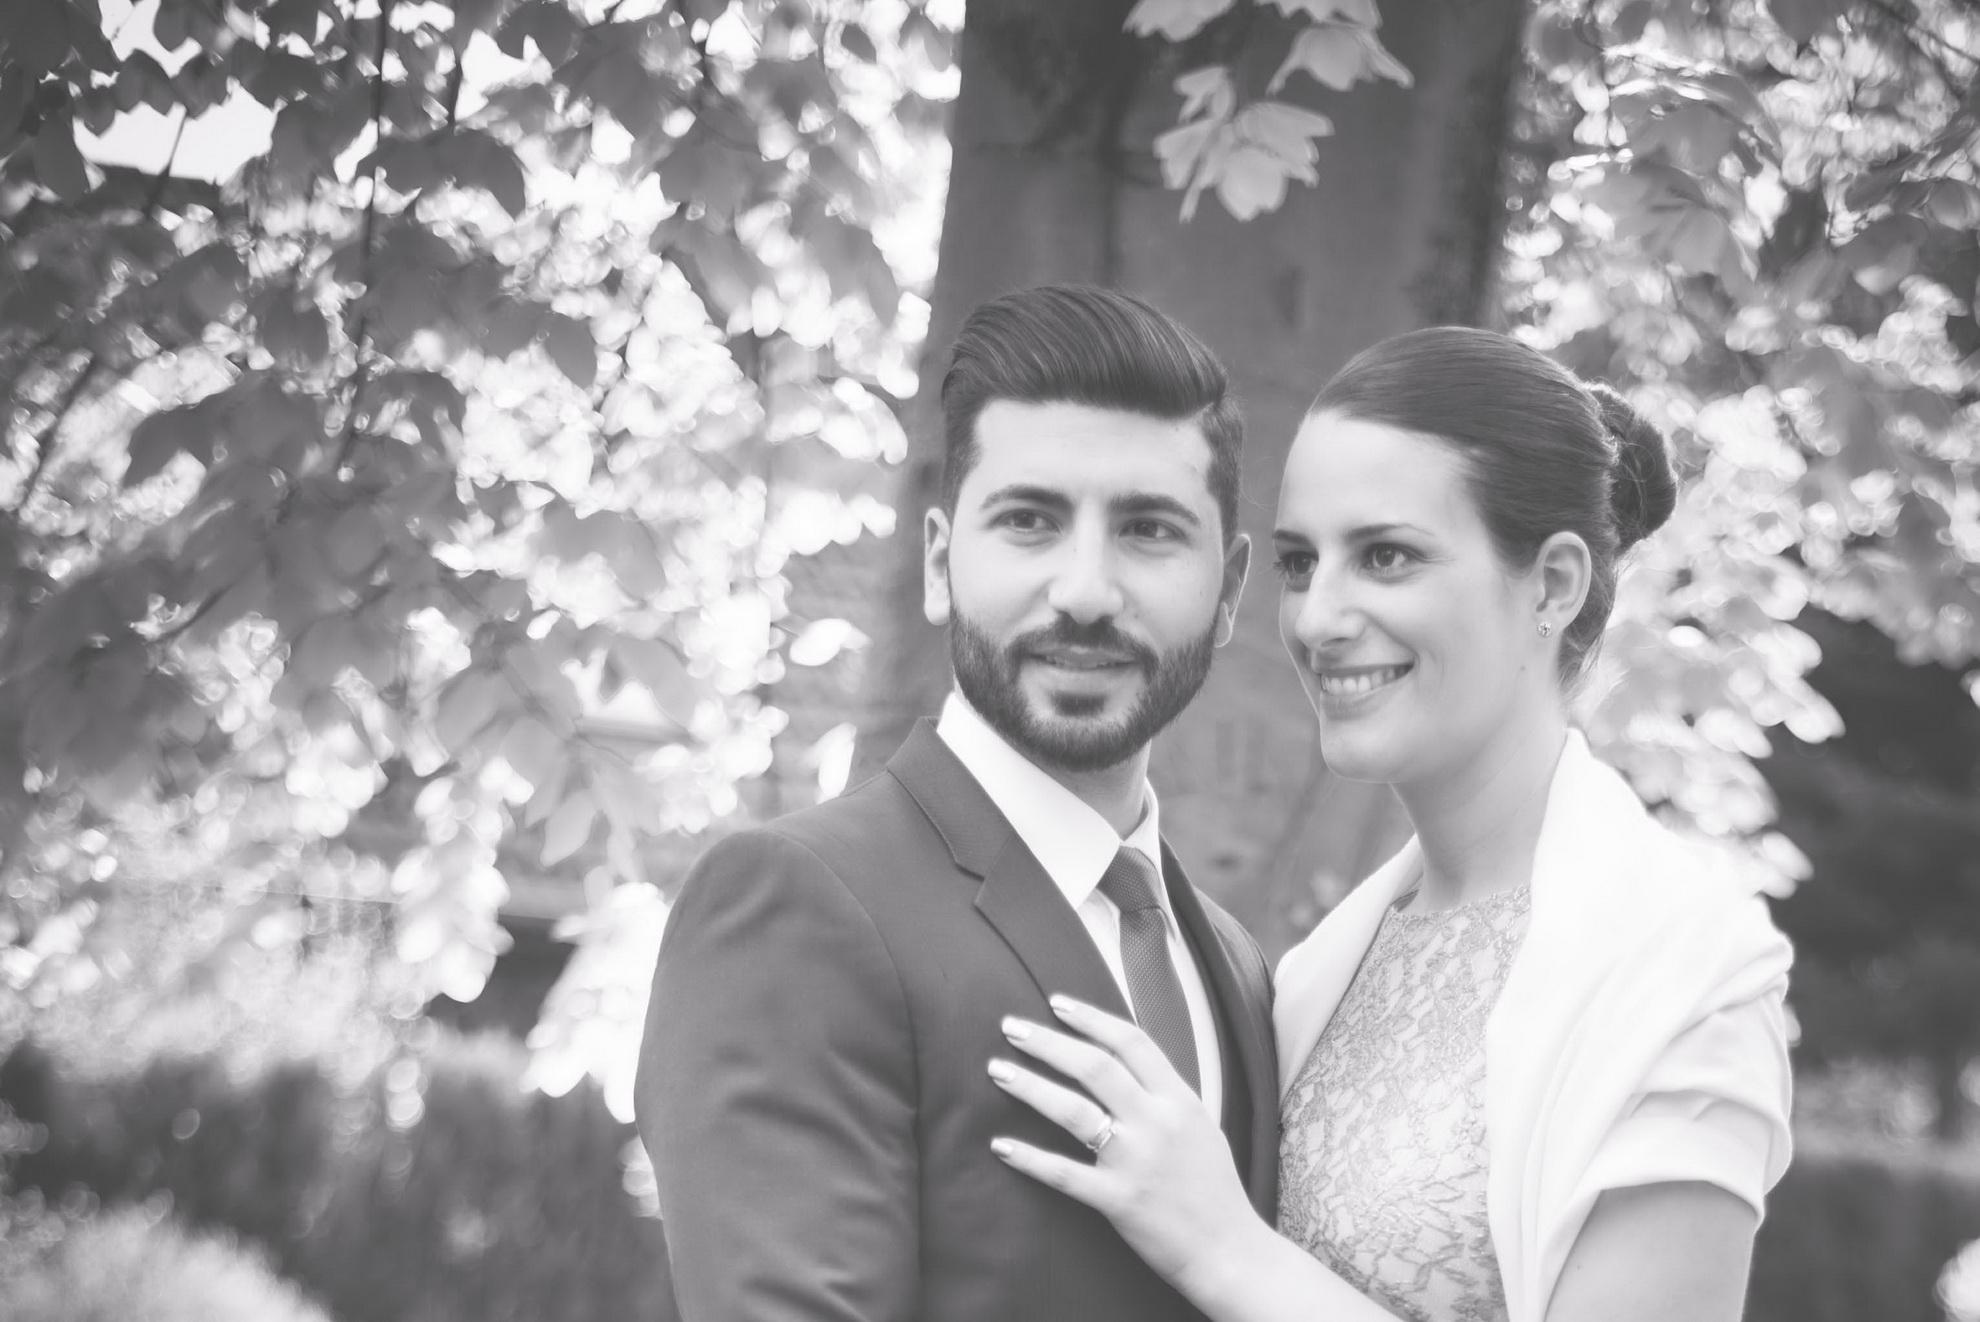 Lena und Bertan 33 Wedding Hochzeit Couple Paar Liebe Claudia Sittig Photography G1980-1322